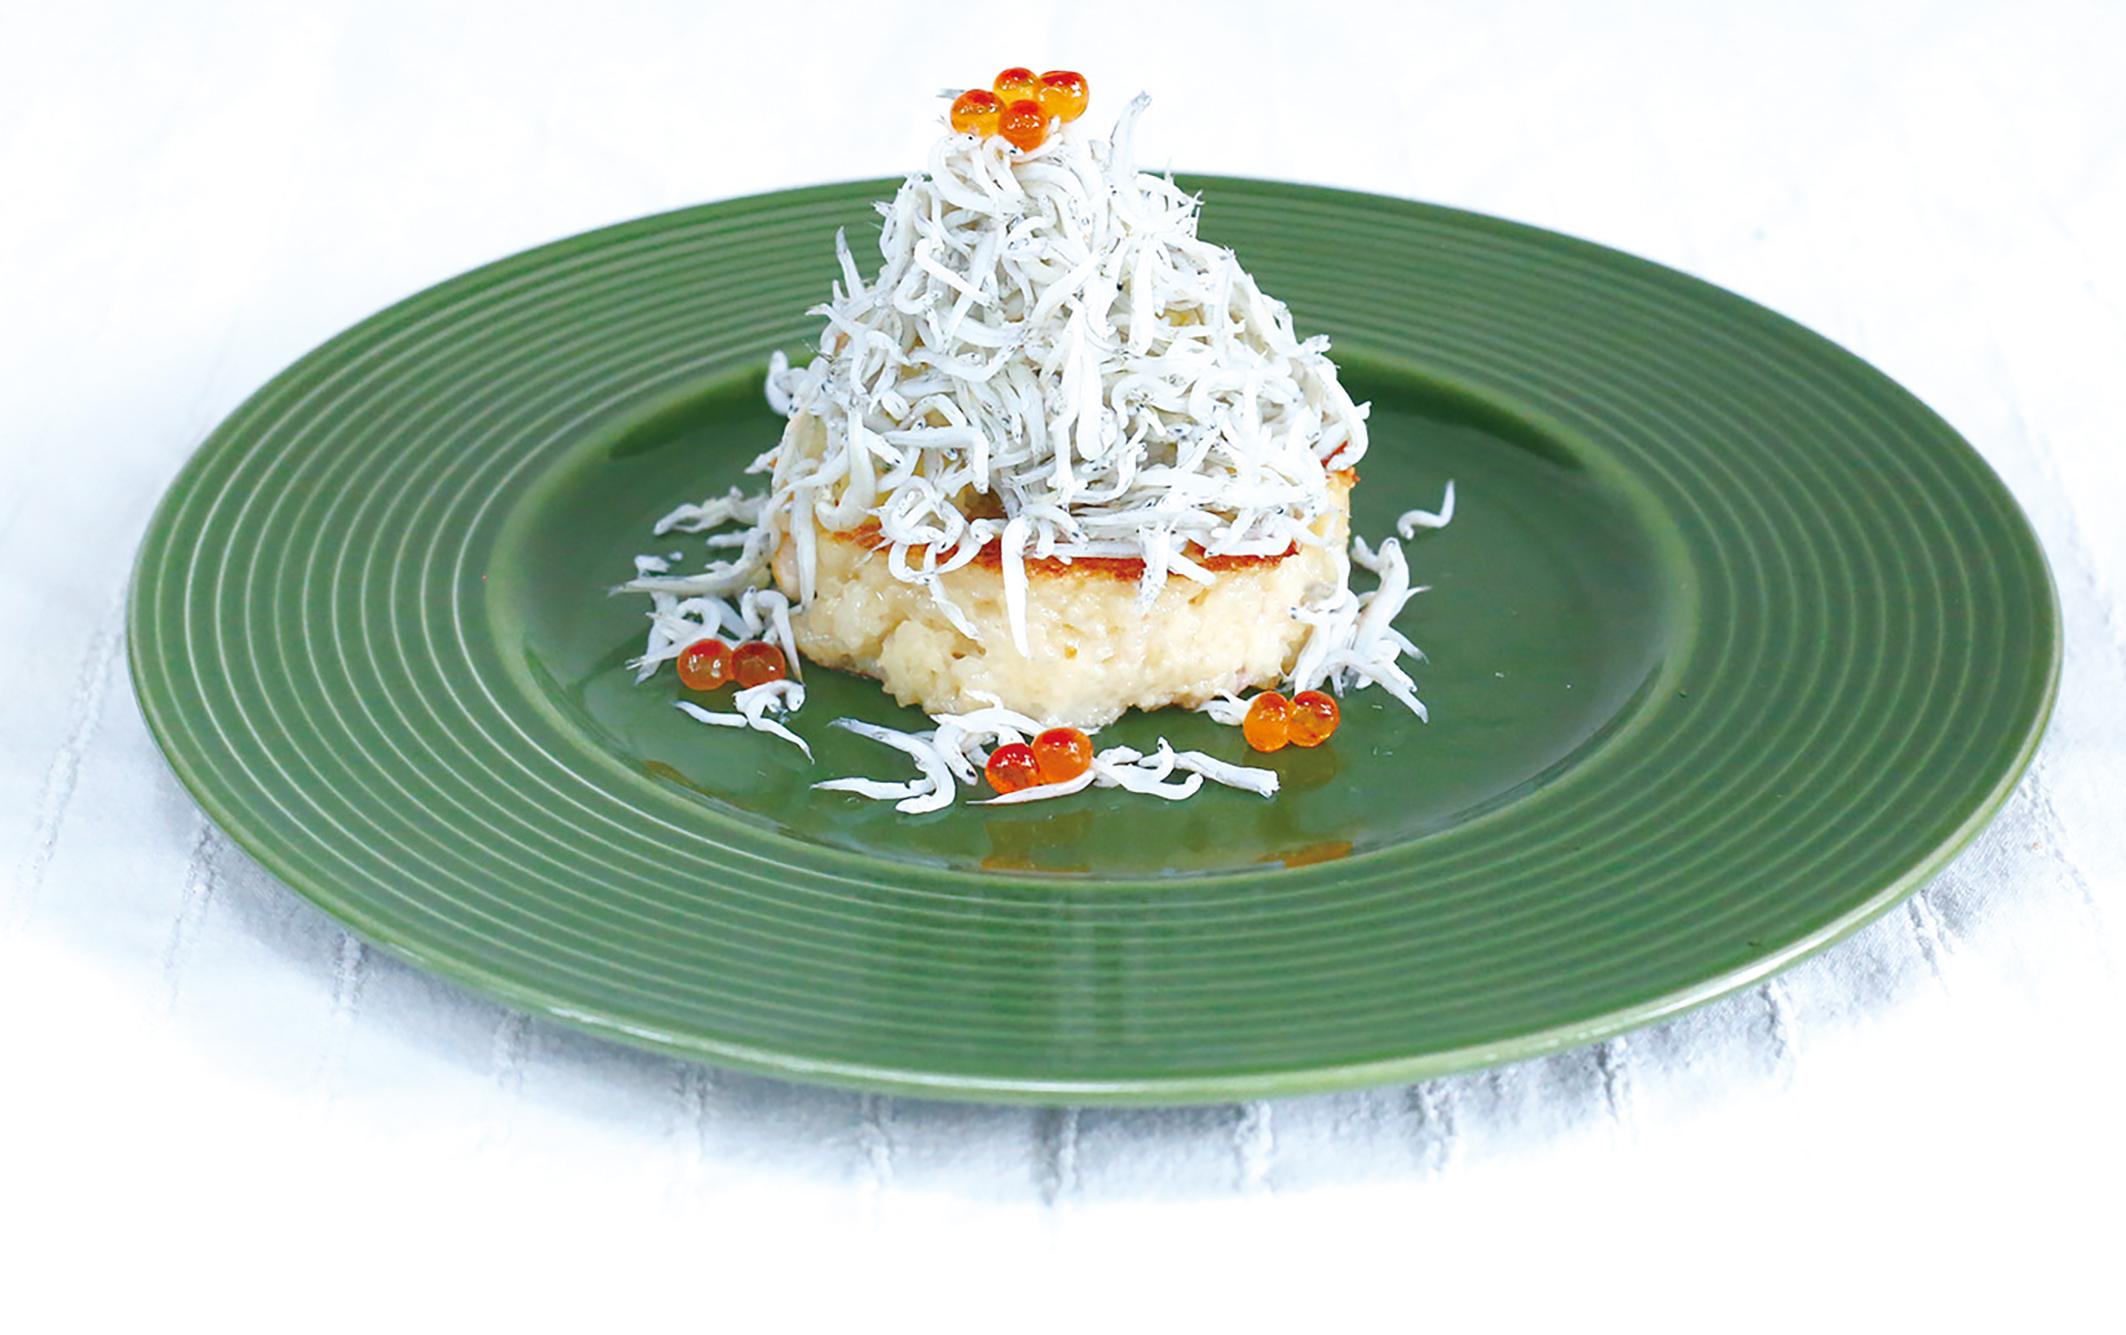 イタリアン オリーブオイルパスタ